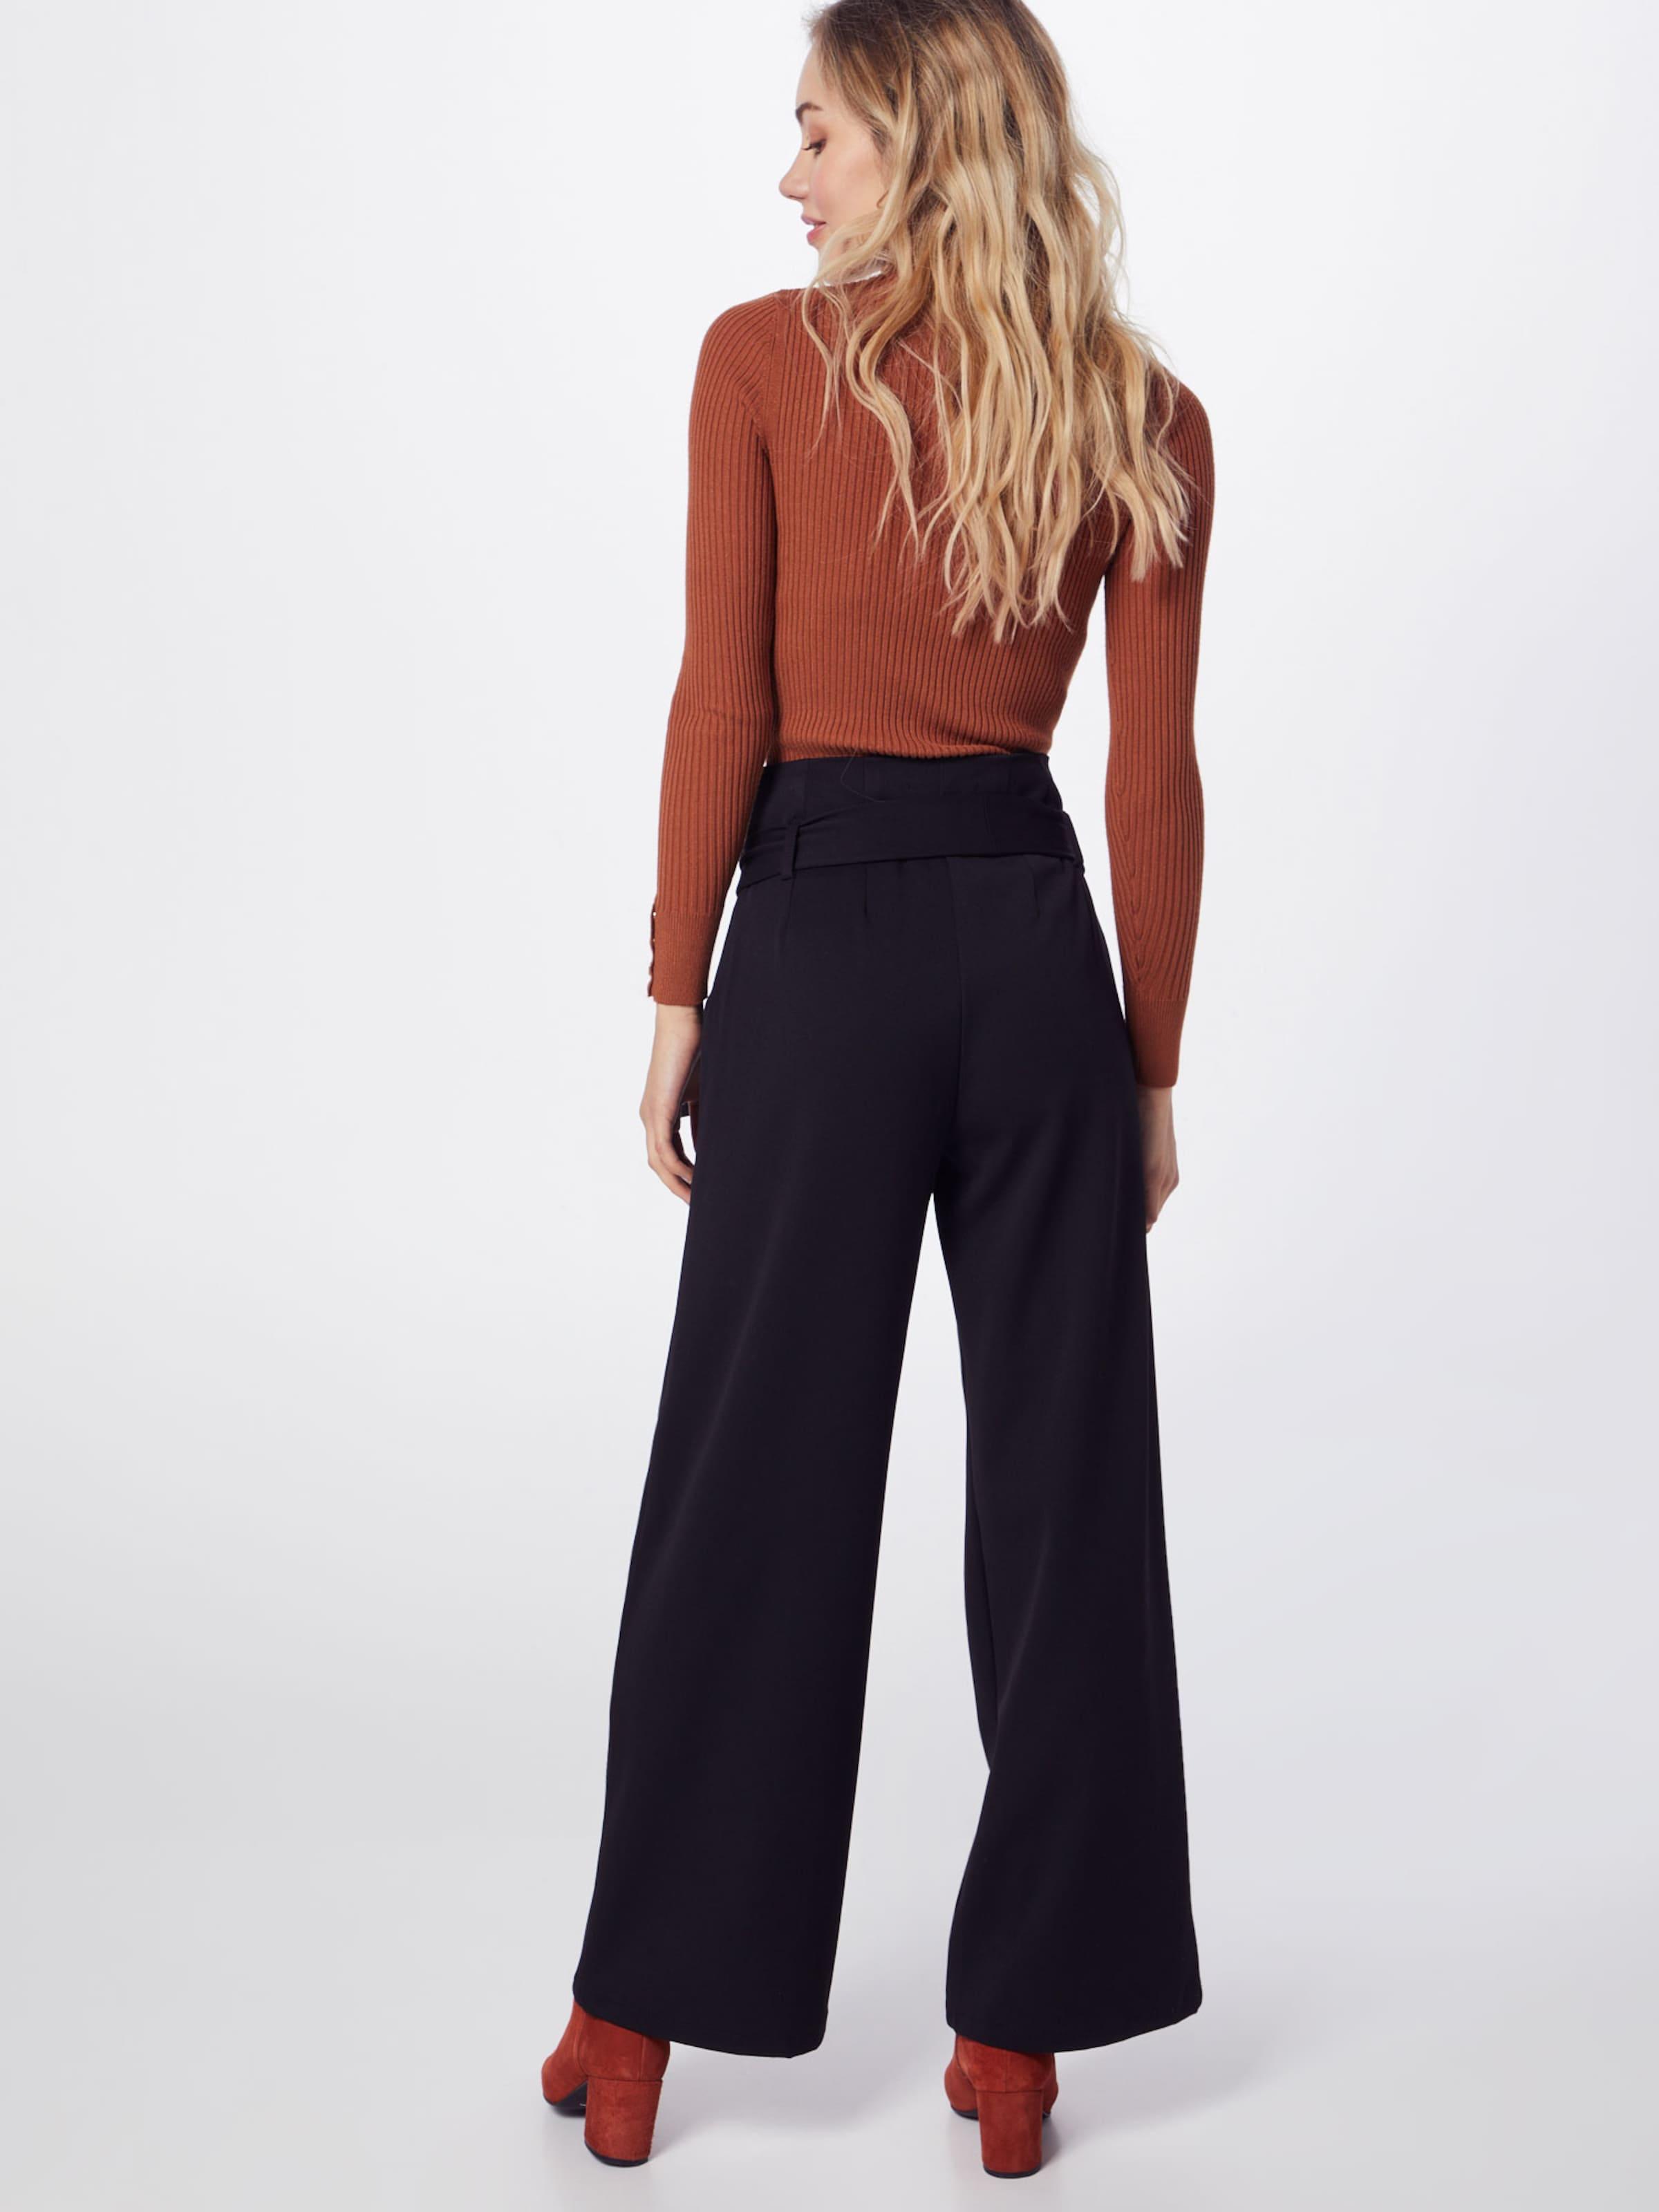 Pantalon En 'lisa' À Noir Object Pince J3K1TlcF